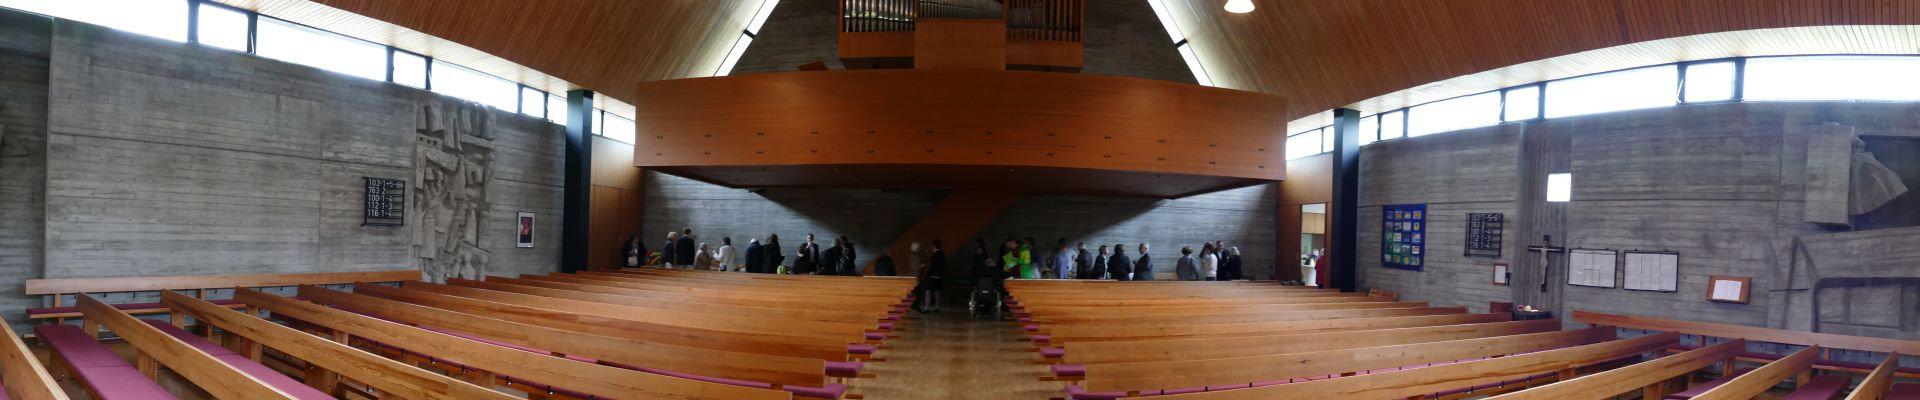 Kirchenmusik / Quelle: Emmausgemeinde Karlsruhe